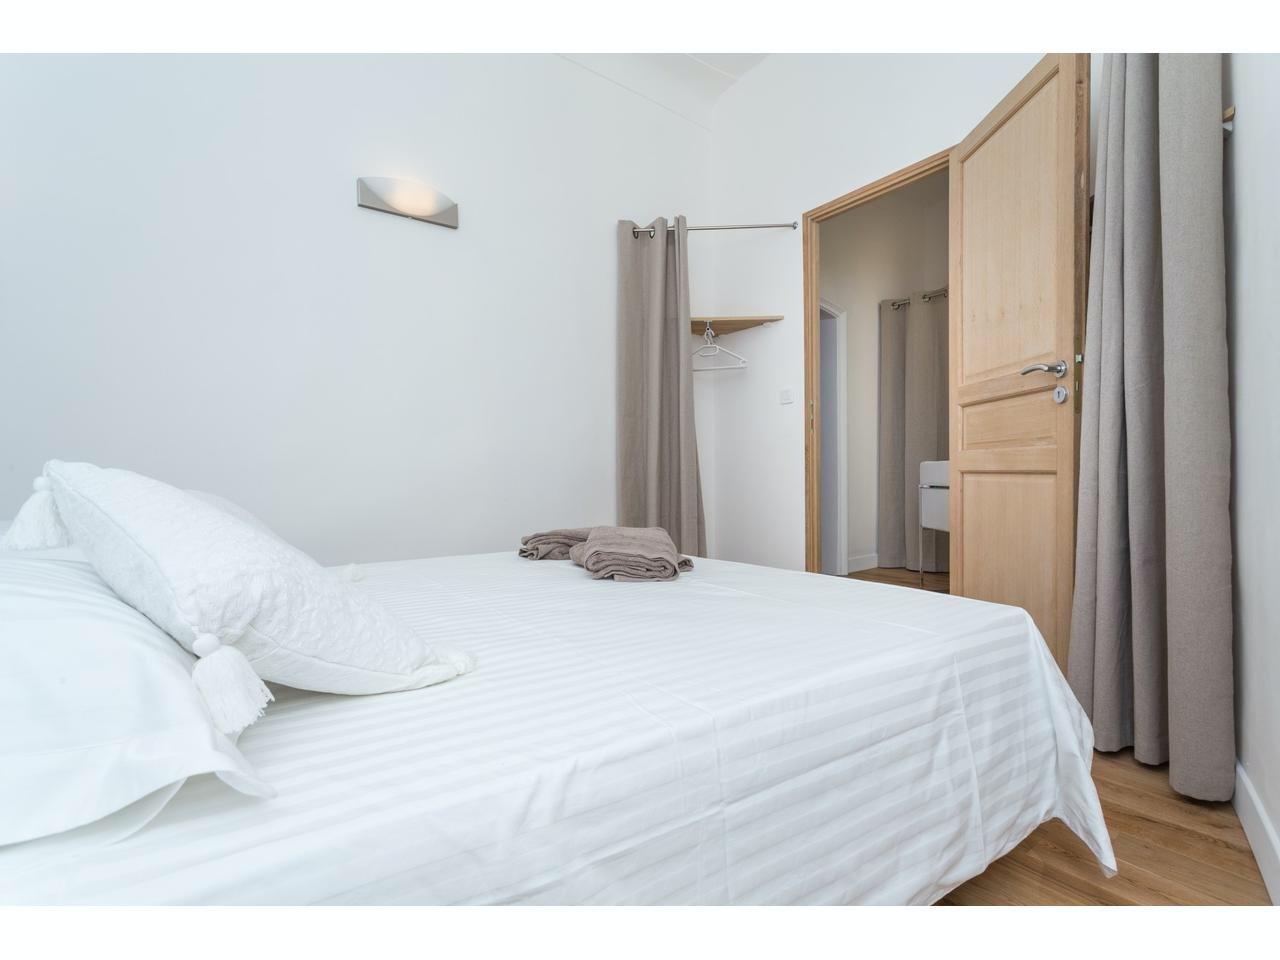 2 sovrum i gamla stan i Nice